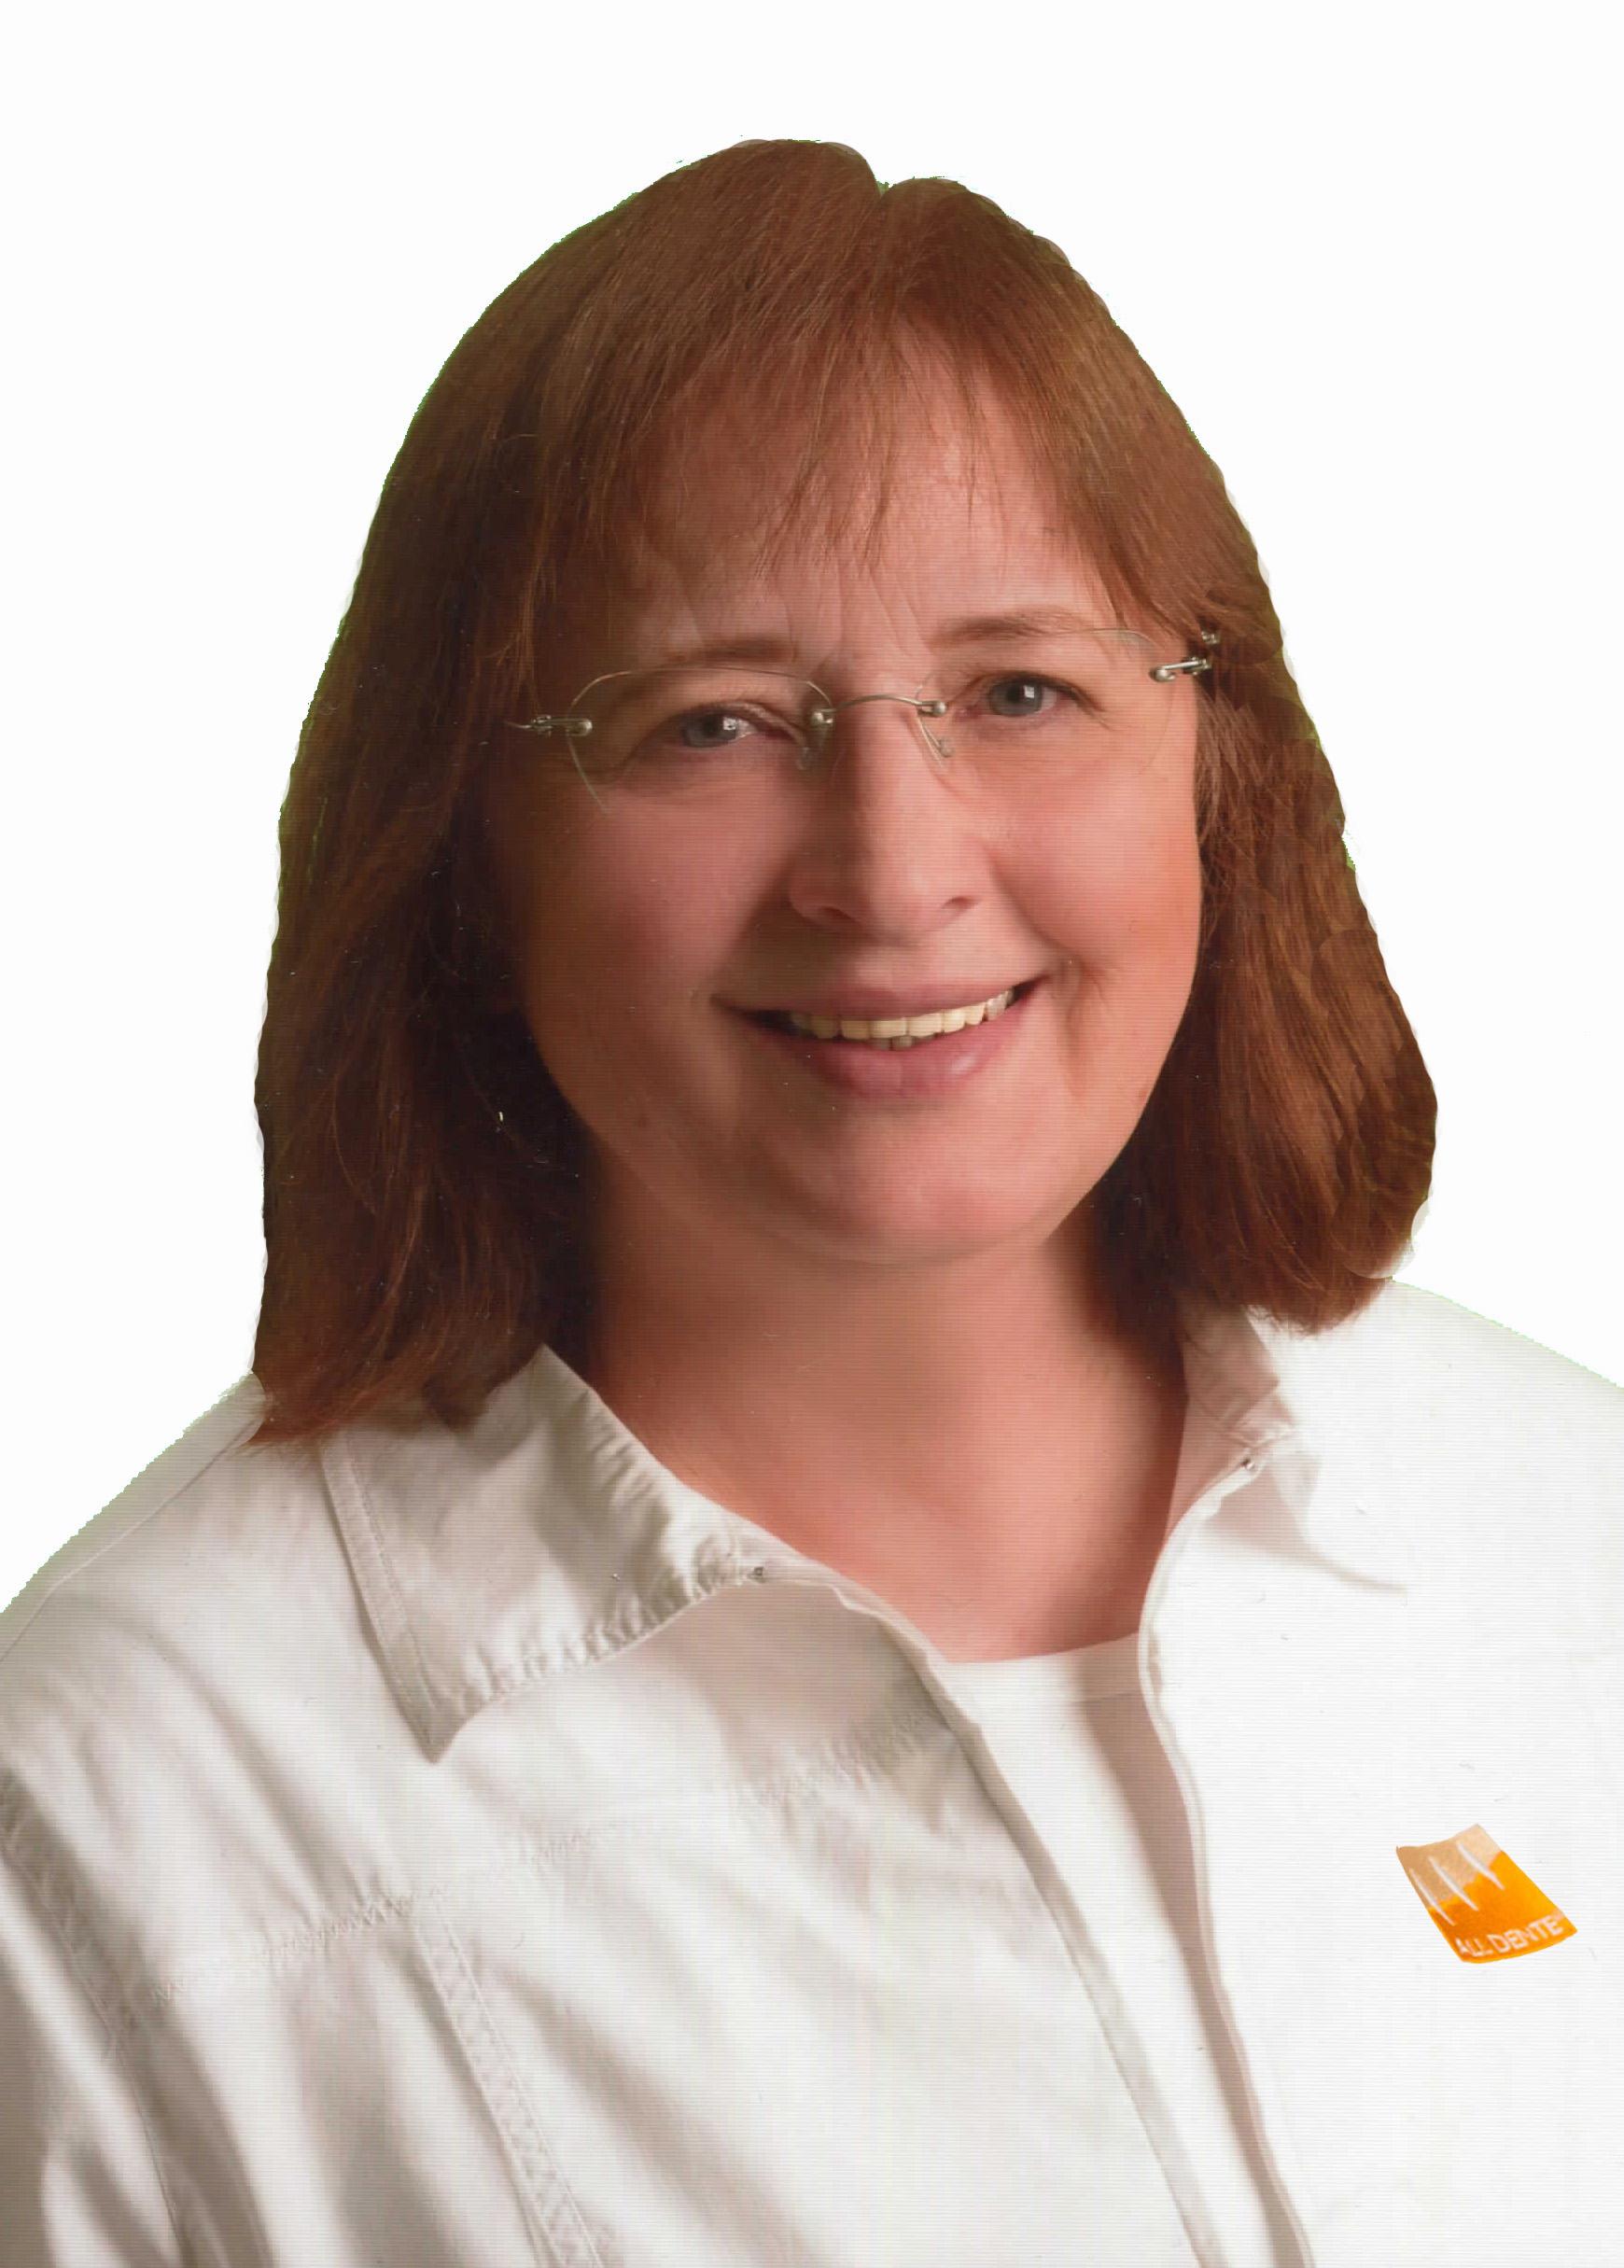 Zahnärztin Angelika Schäfer ist auf kieferorthopädische Behandlungen spezialisiert.